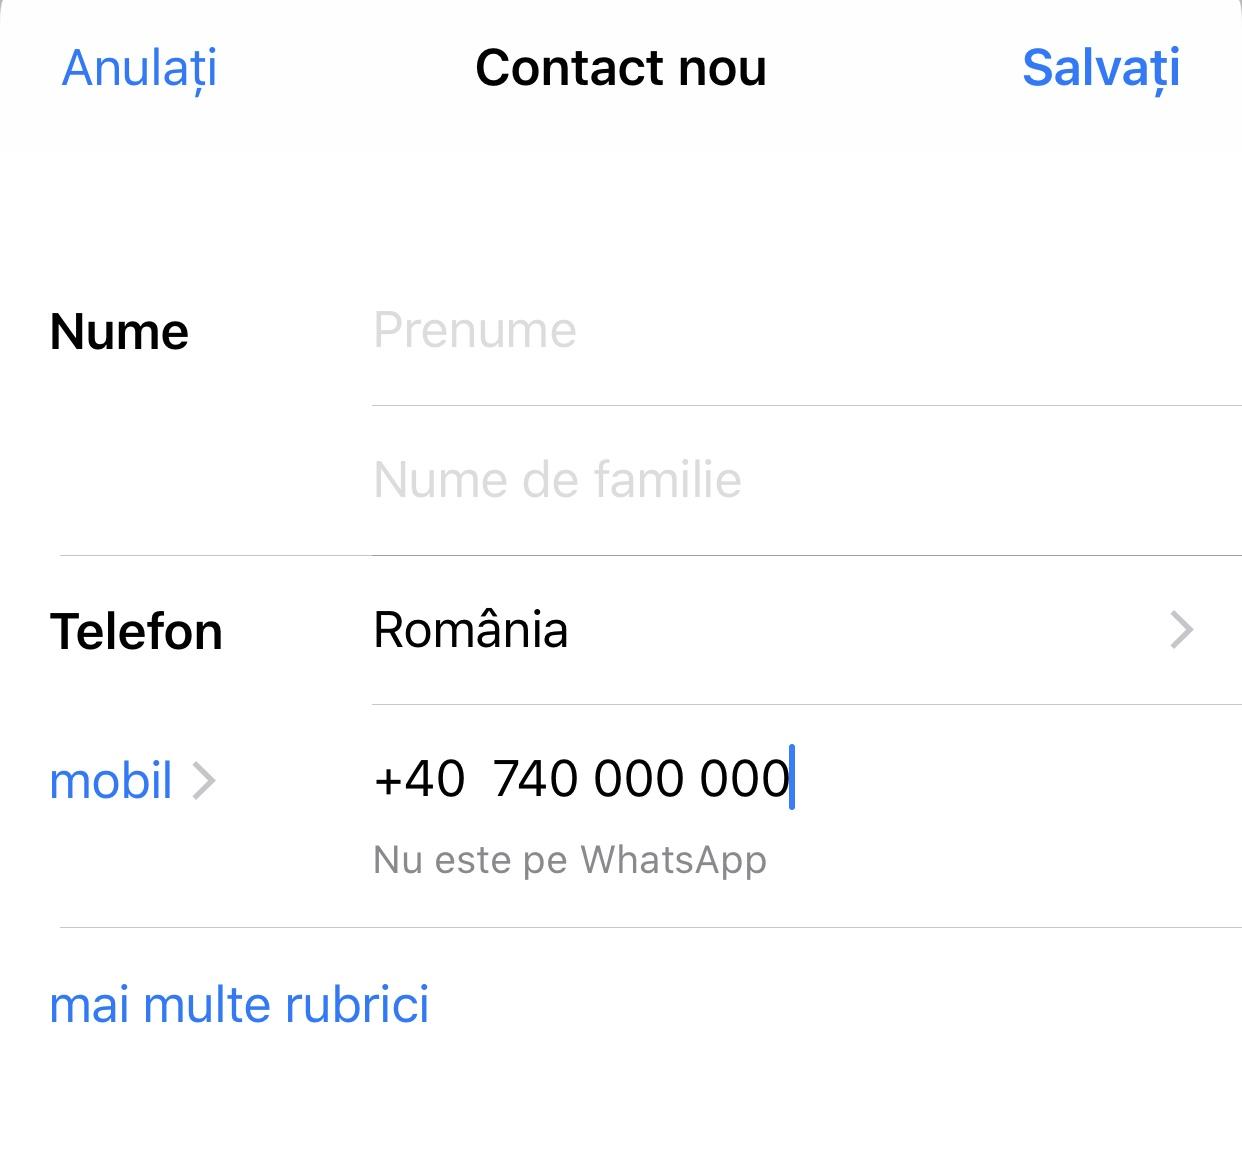 verifica numarul de telefon